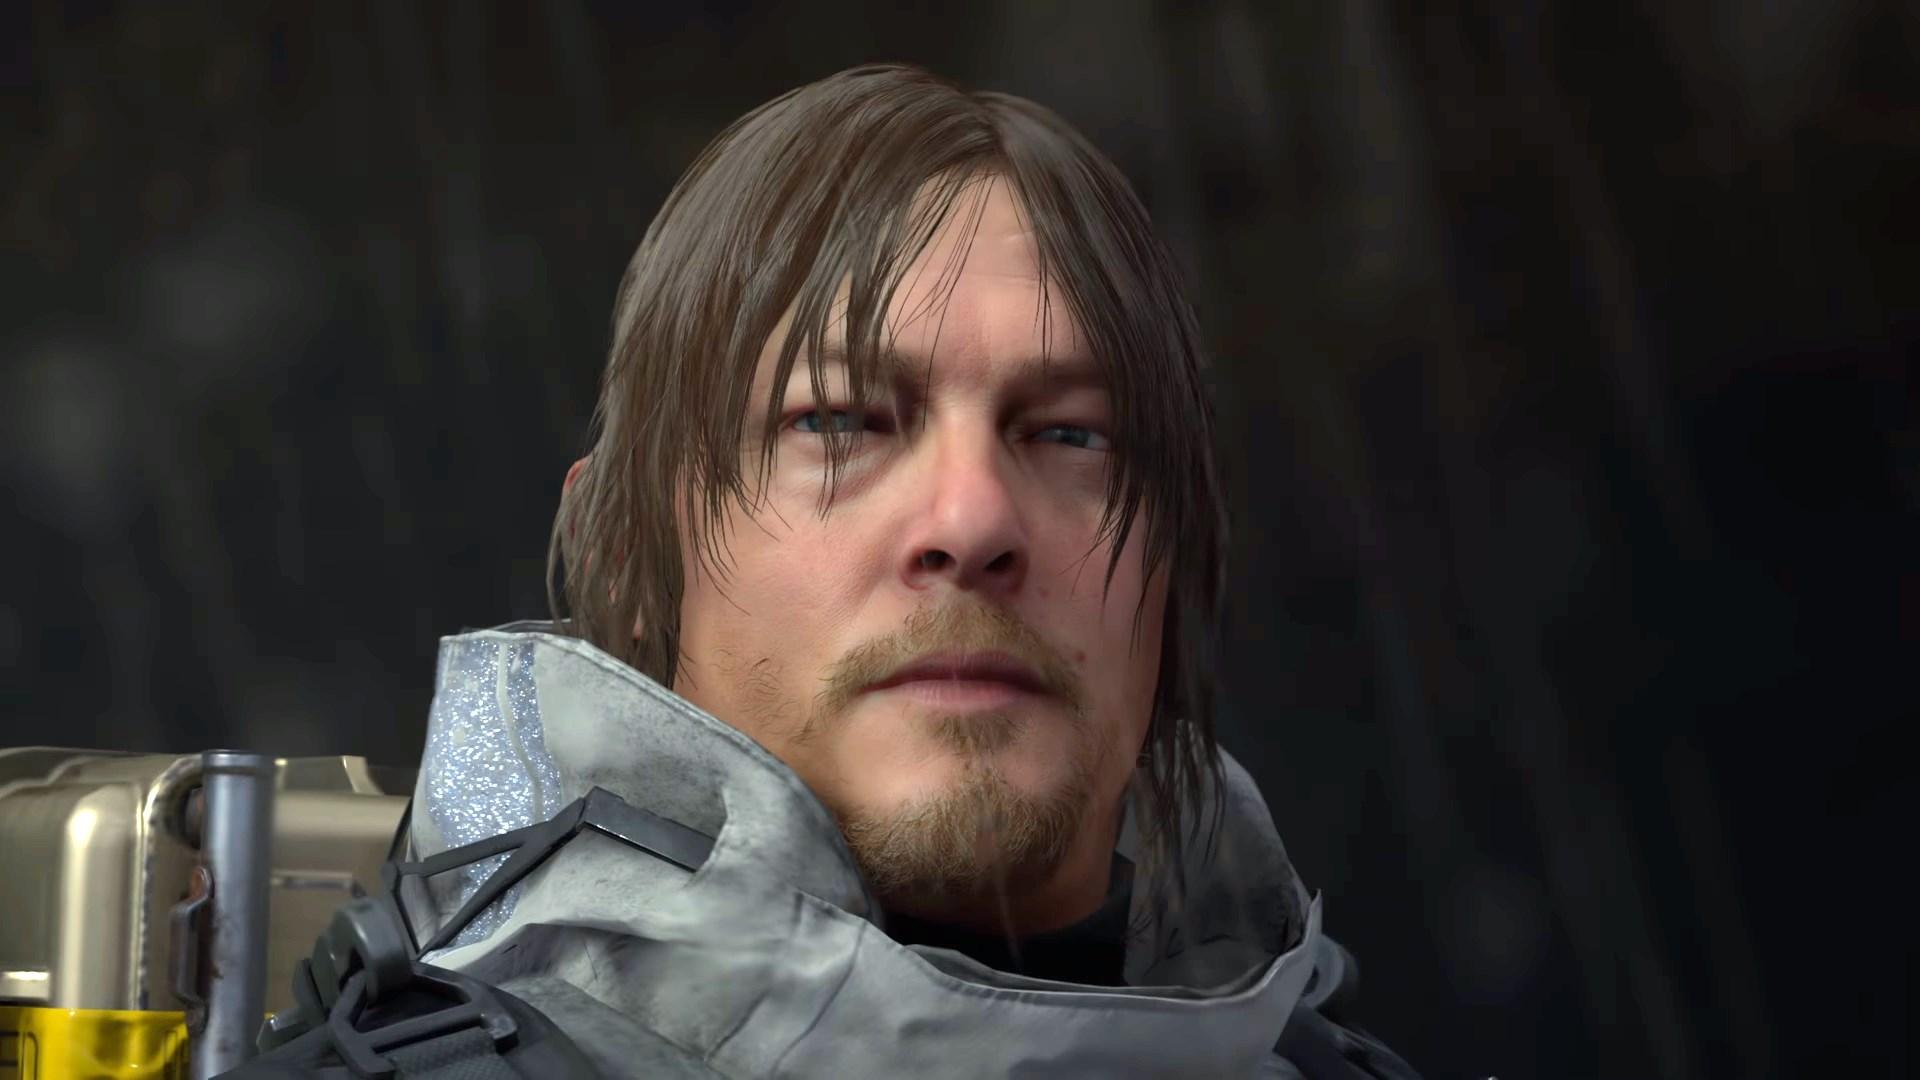 Death Stranding Karya Hideo Kojima Dijadwalkan Resmi Rilis Pada Tanggal 8 November 2019